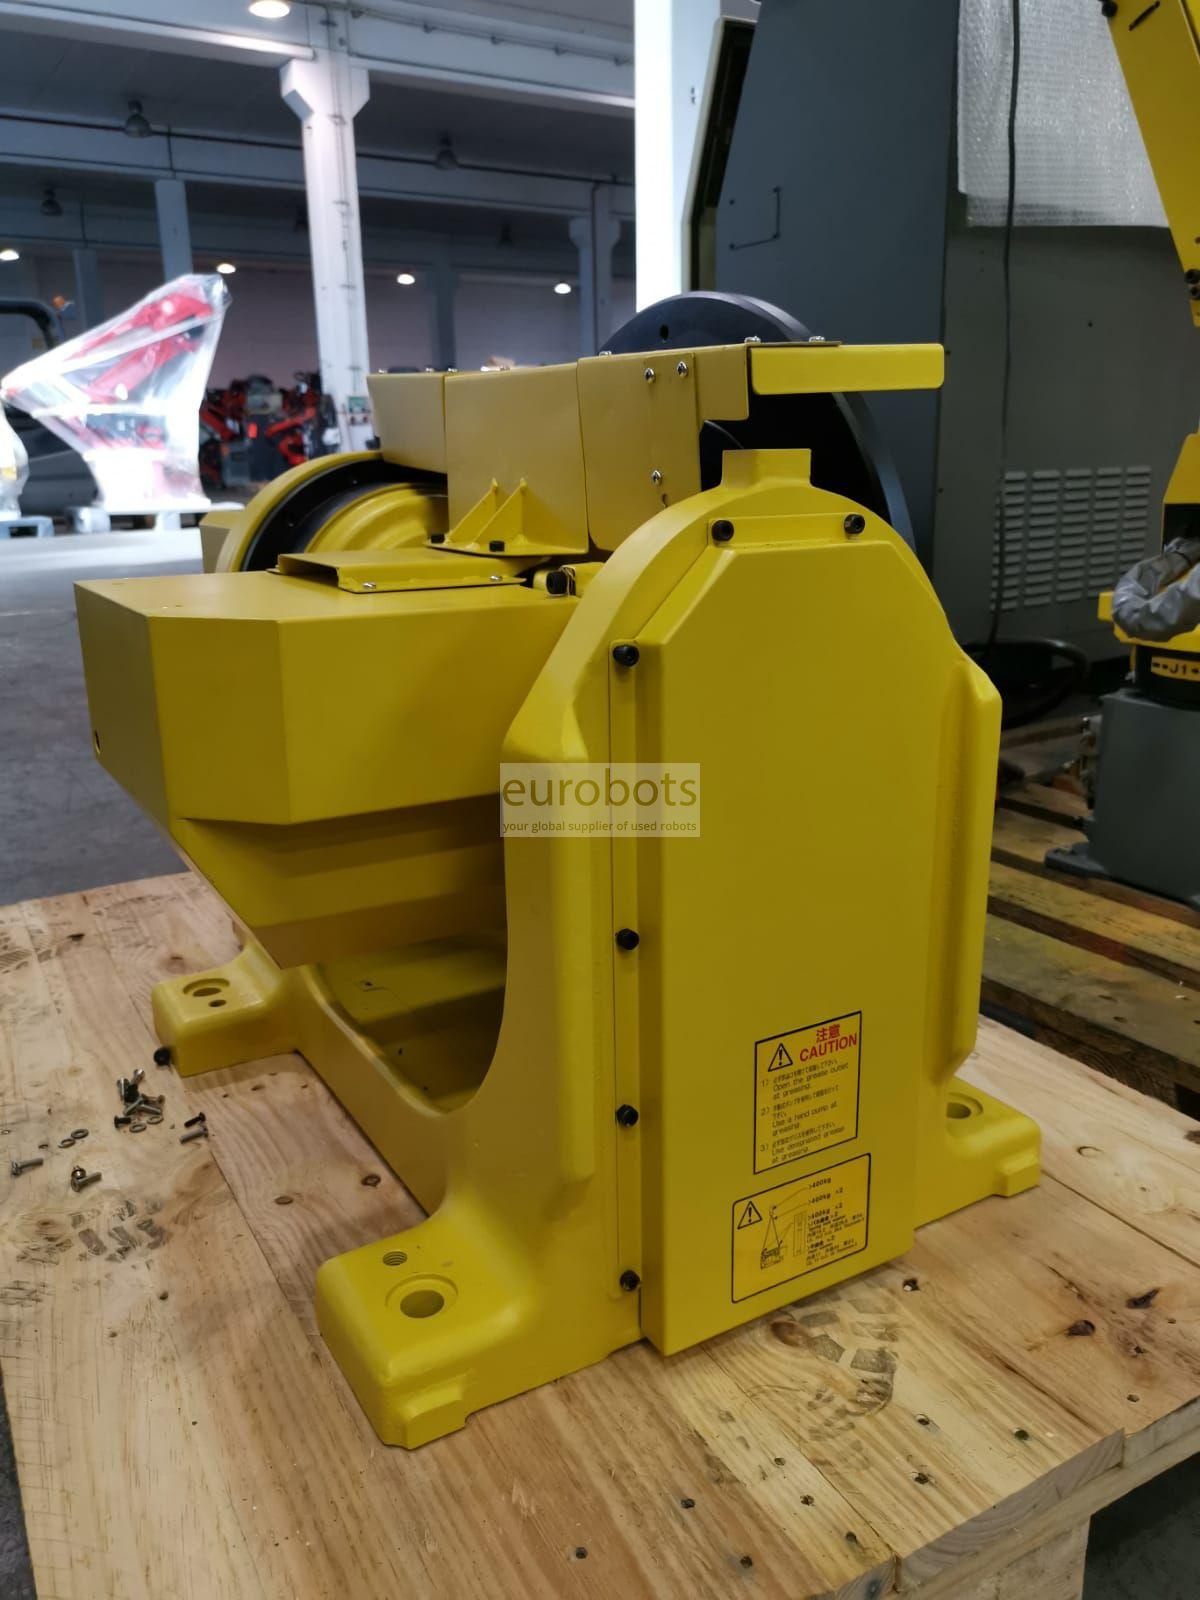 Welding Fanuc robot Arcmate 100iC | Eurobots